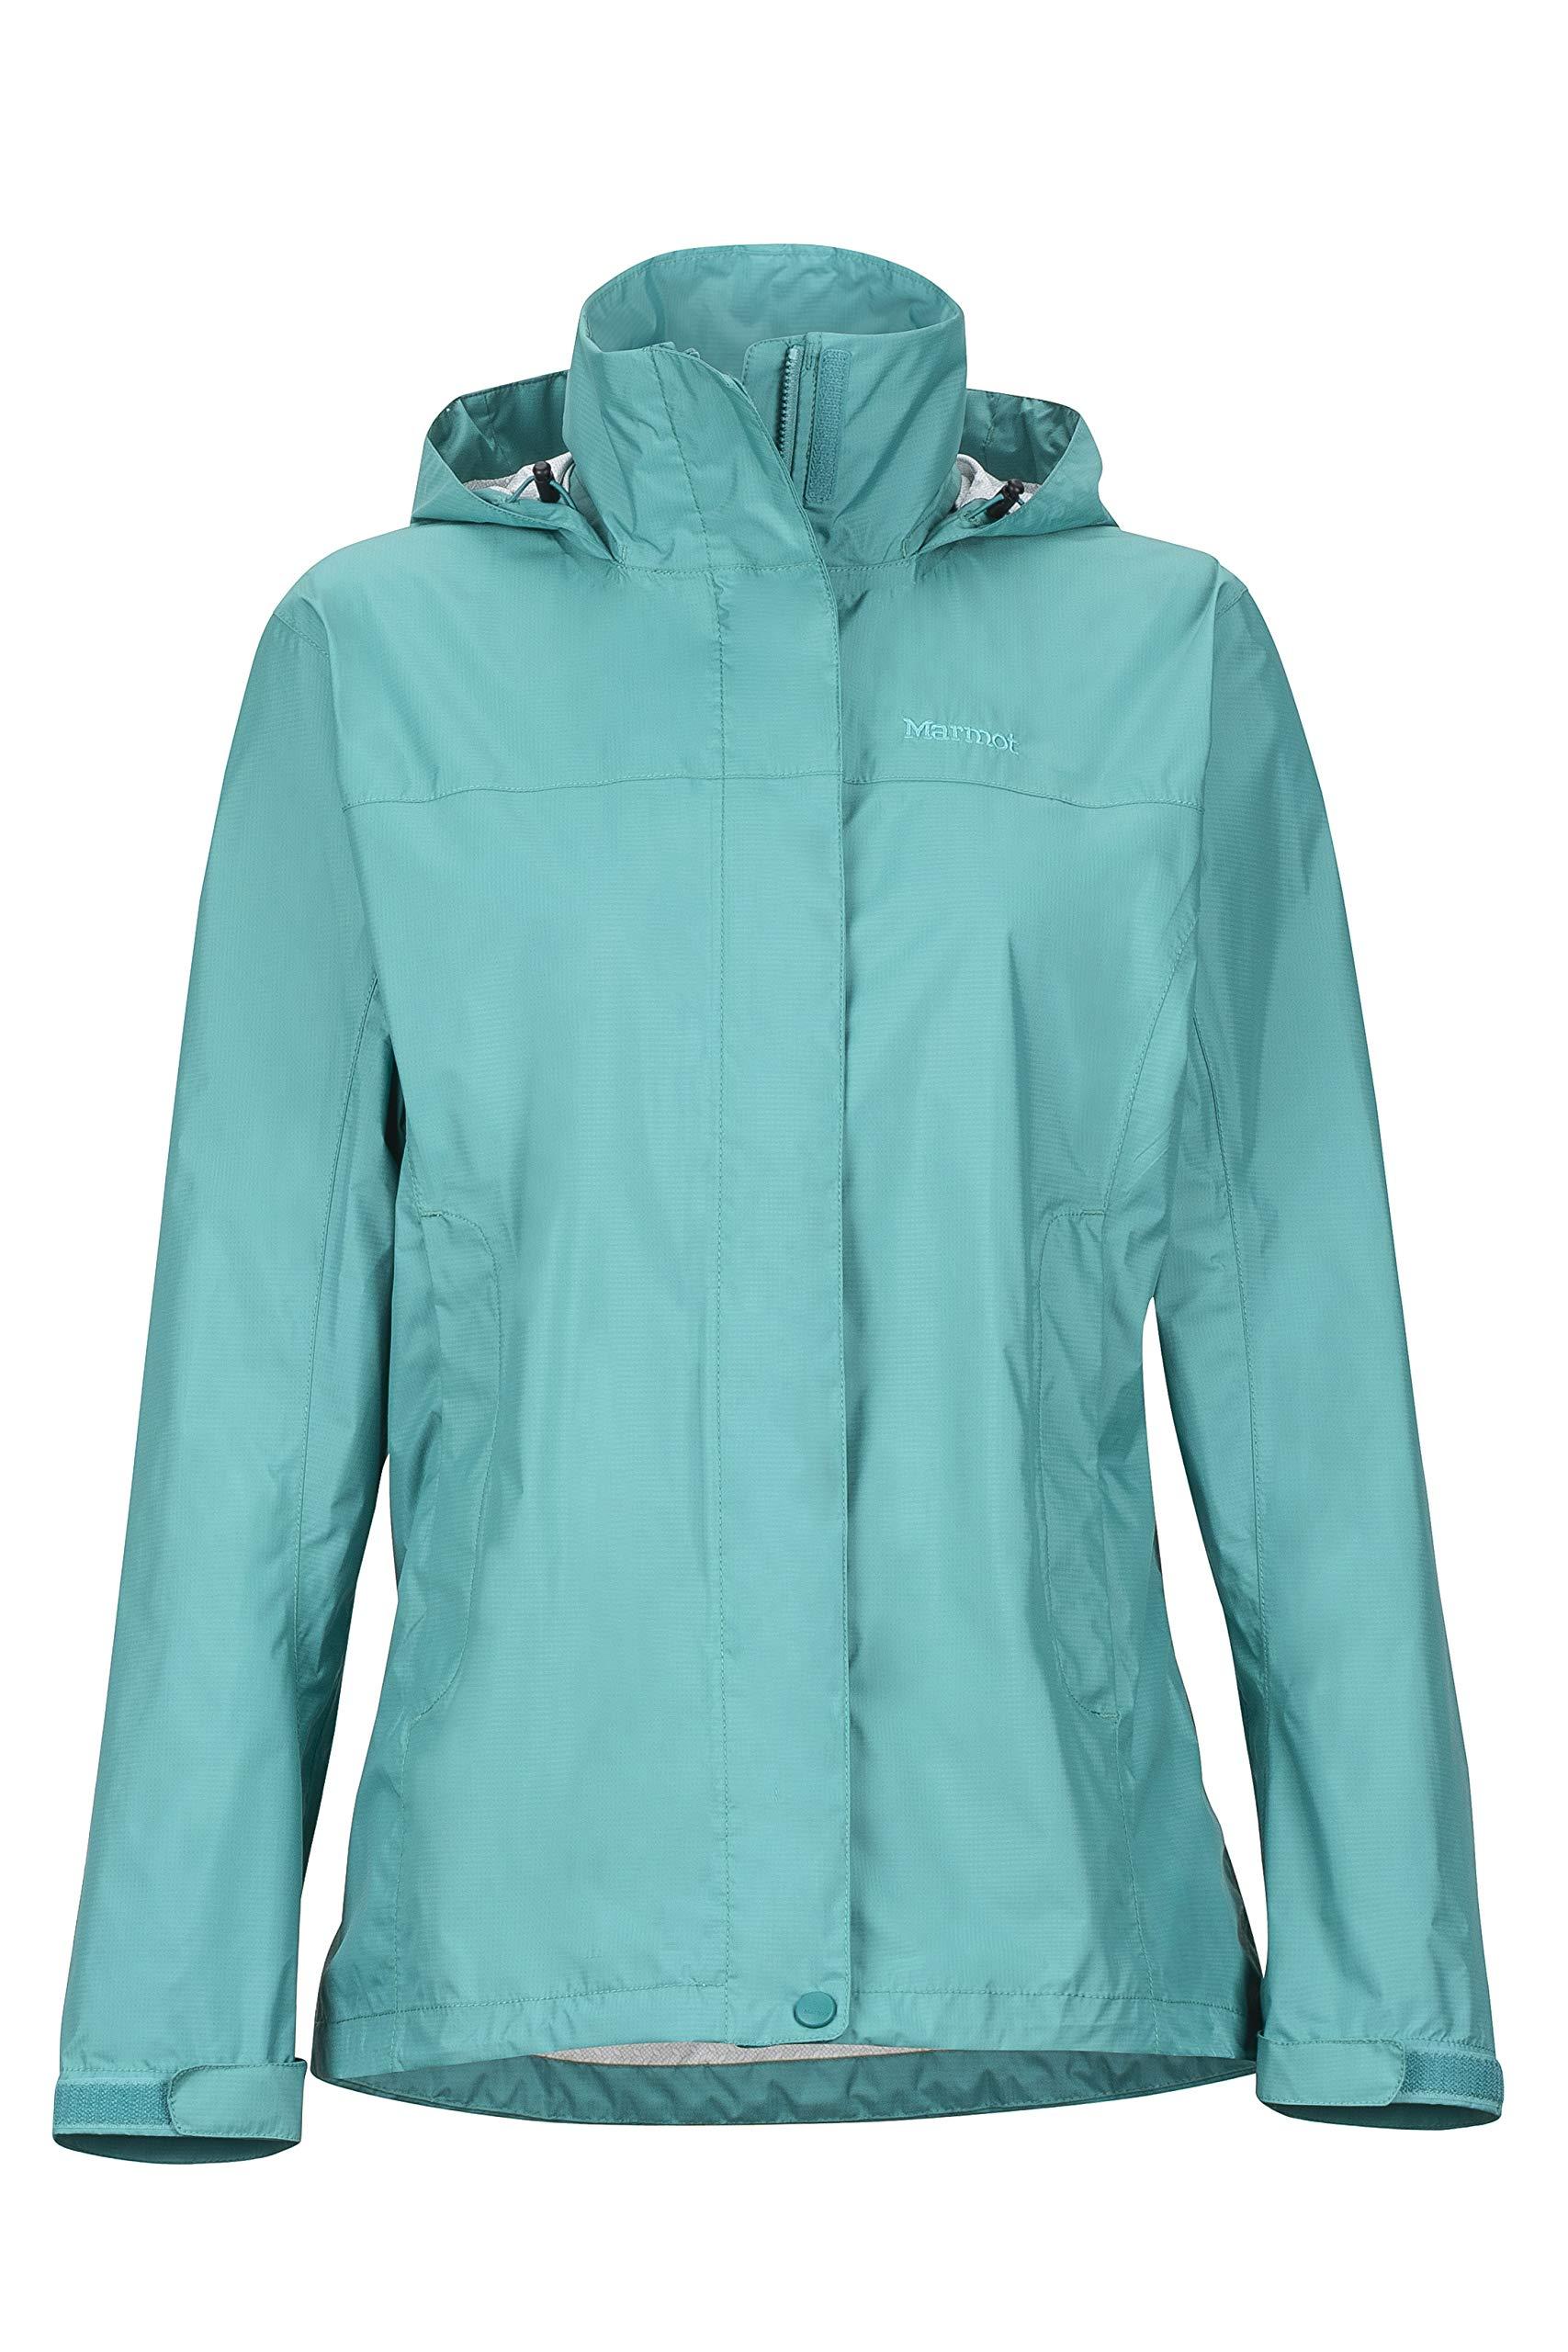 Marmot Women's Precip Jacket, Patina Green, X-Small by Marmot